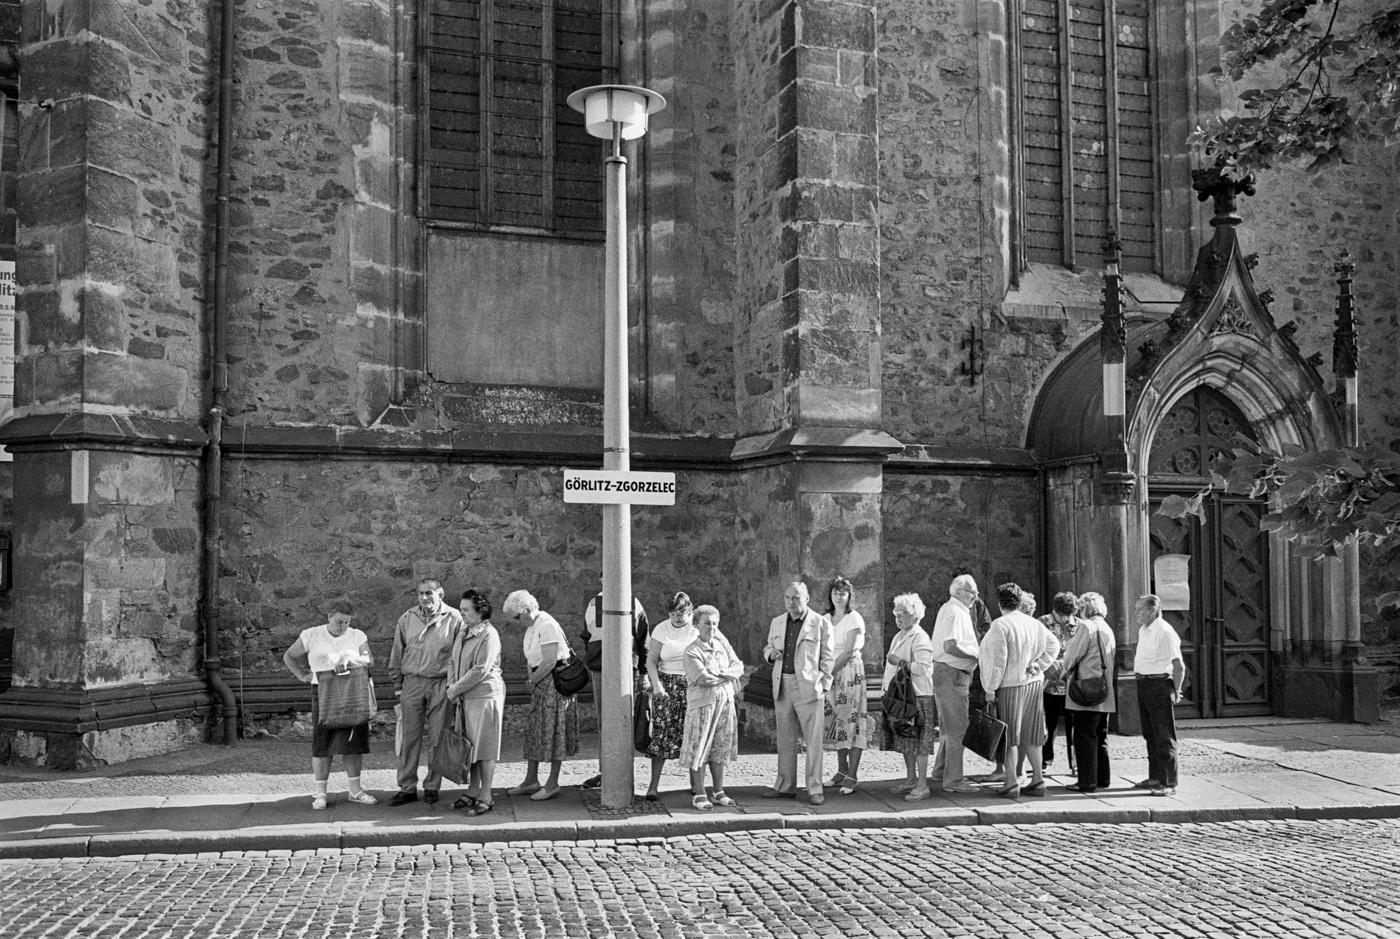 in Görlitz, Deutsche Einkaufstouristen warten auf den Pendelbus